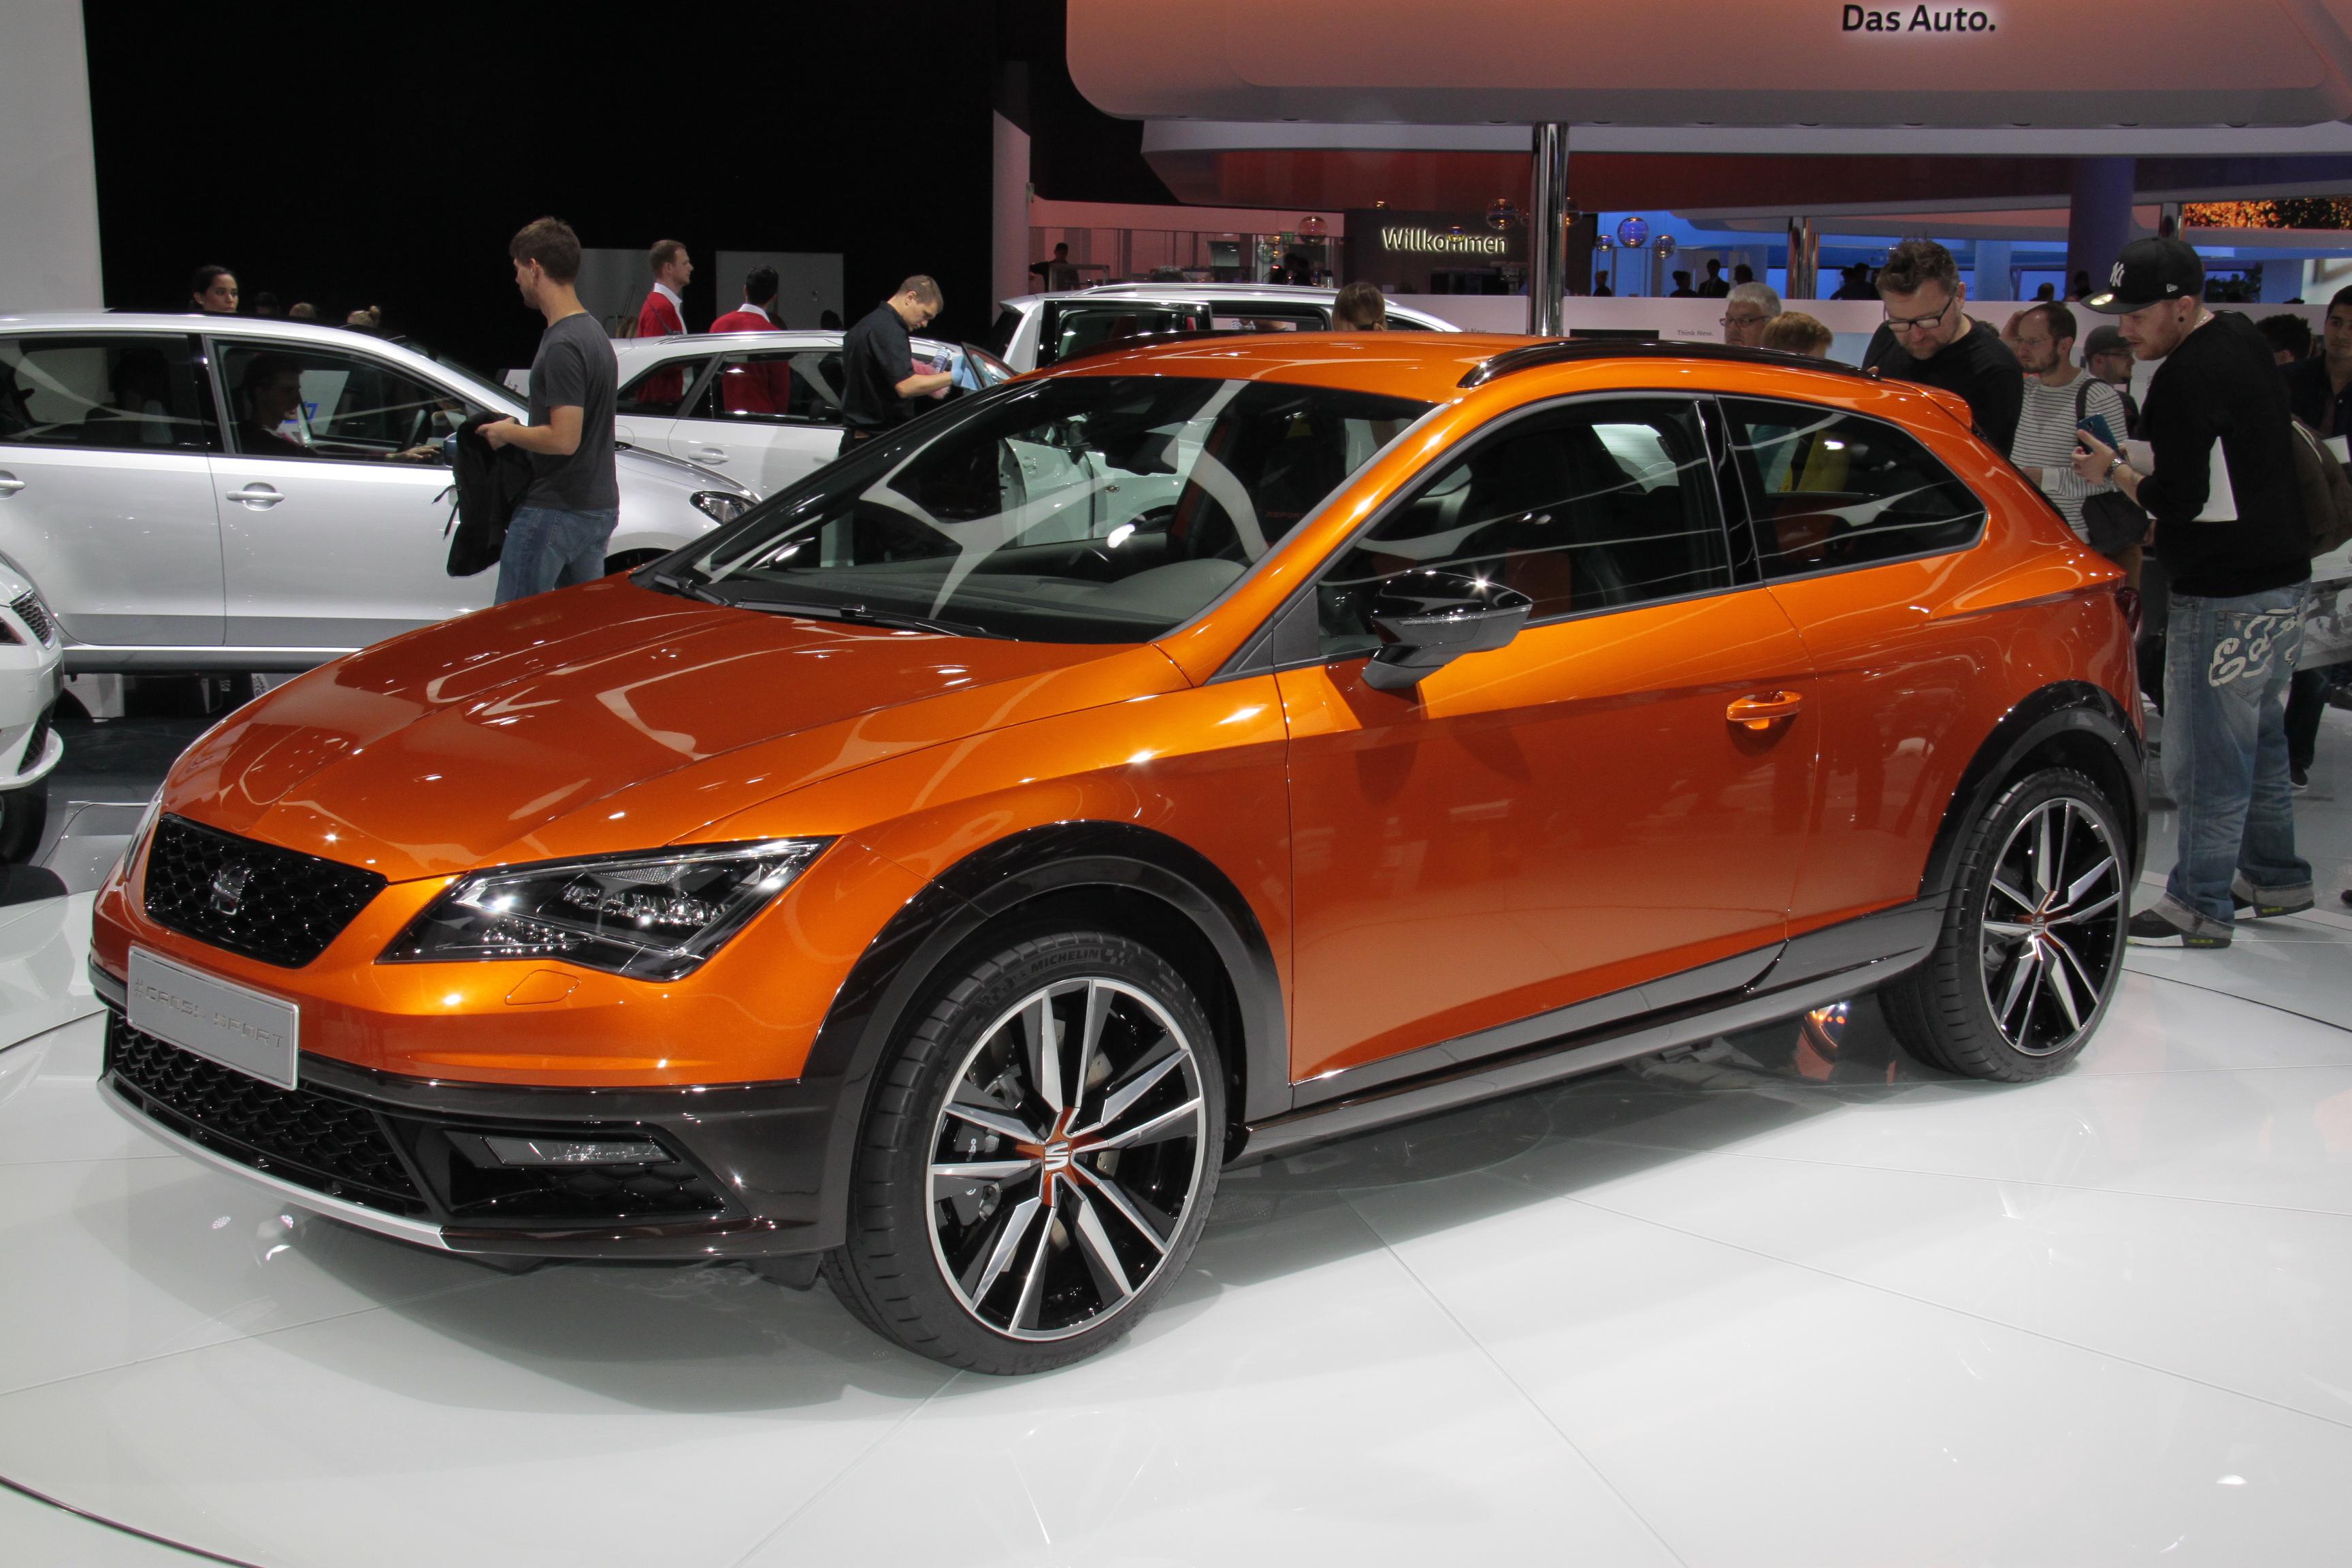 Seat León Cross Sport